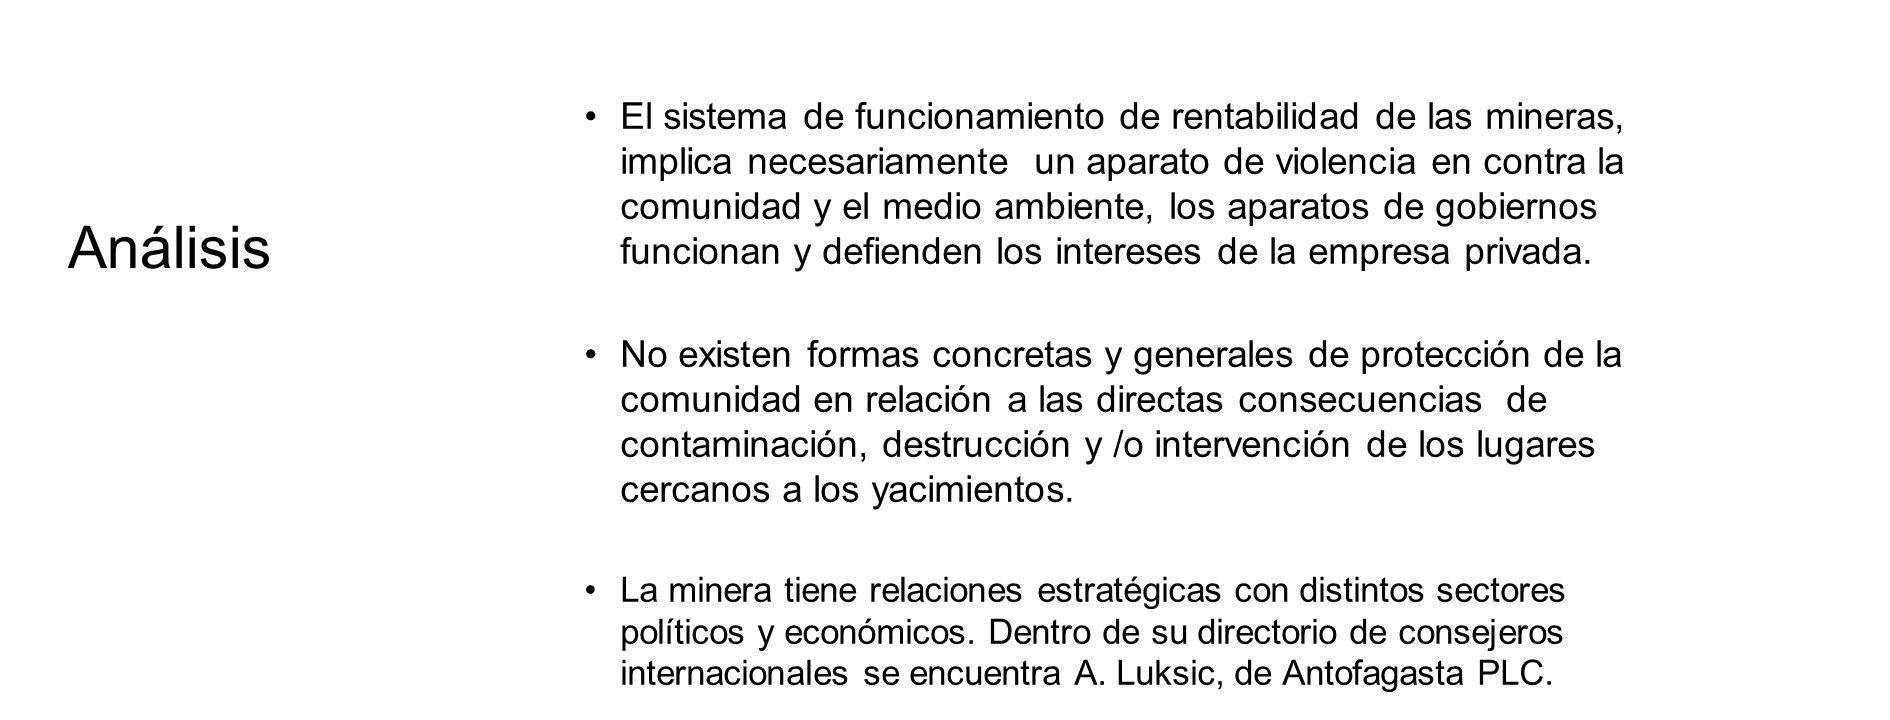 Análisis El sistema de funcionamiento de rentabilidad de las mineras, implica necesariamente un aparato de violencia en contra la comunidad y el medio ambiente, los aparatos de gobiernos funcionan y defienden los intereses de la empresa privada.